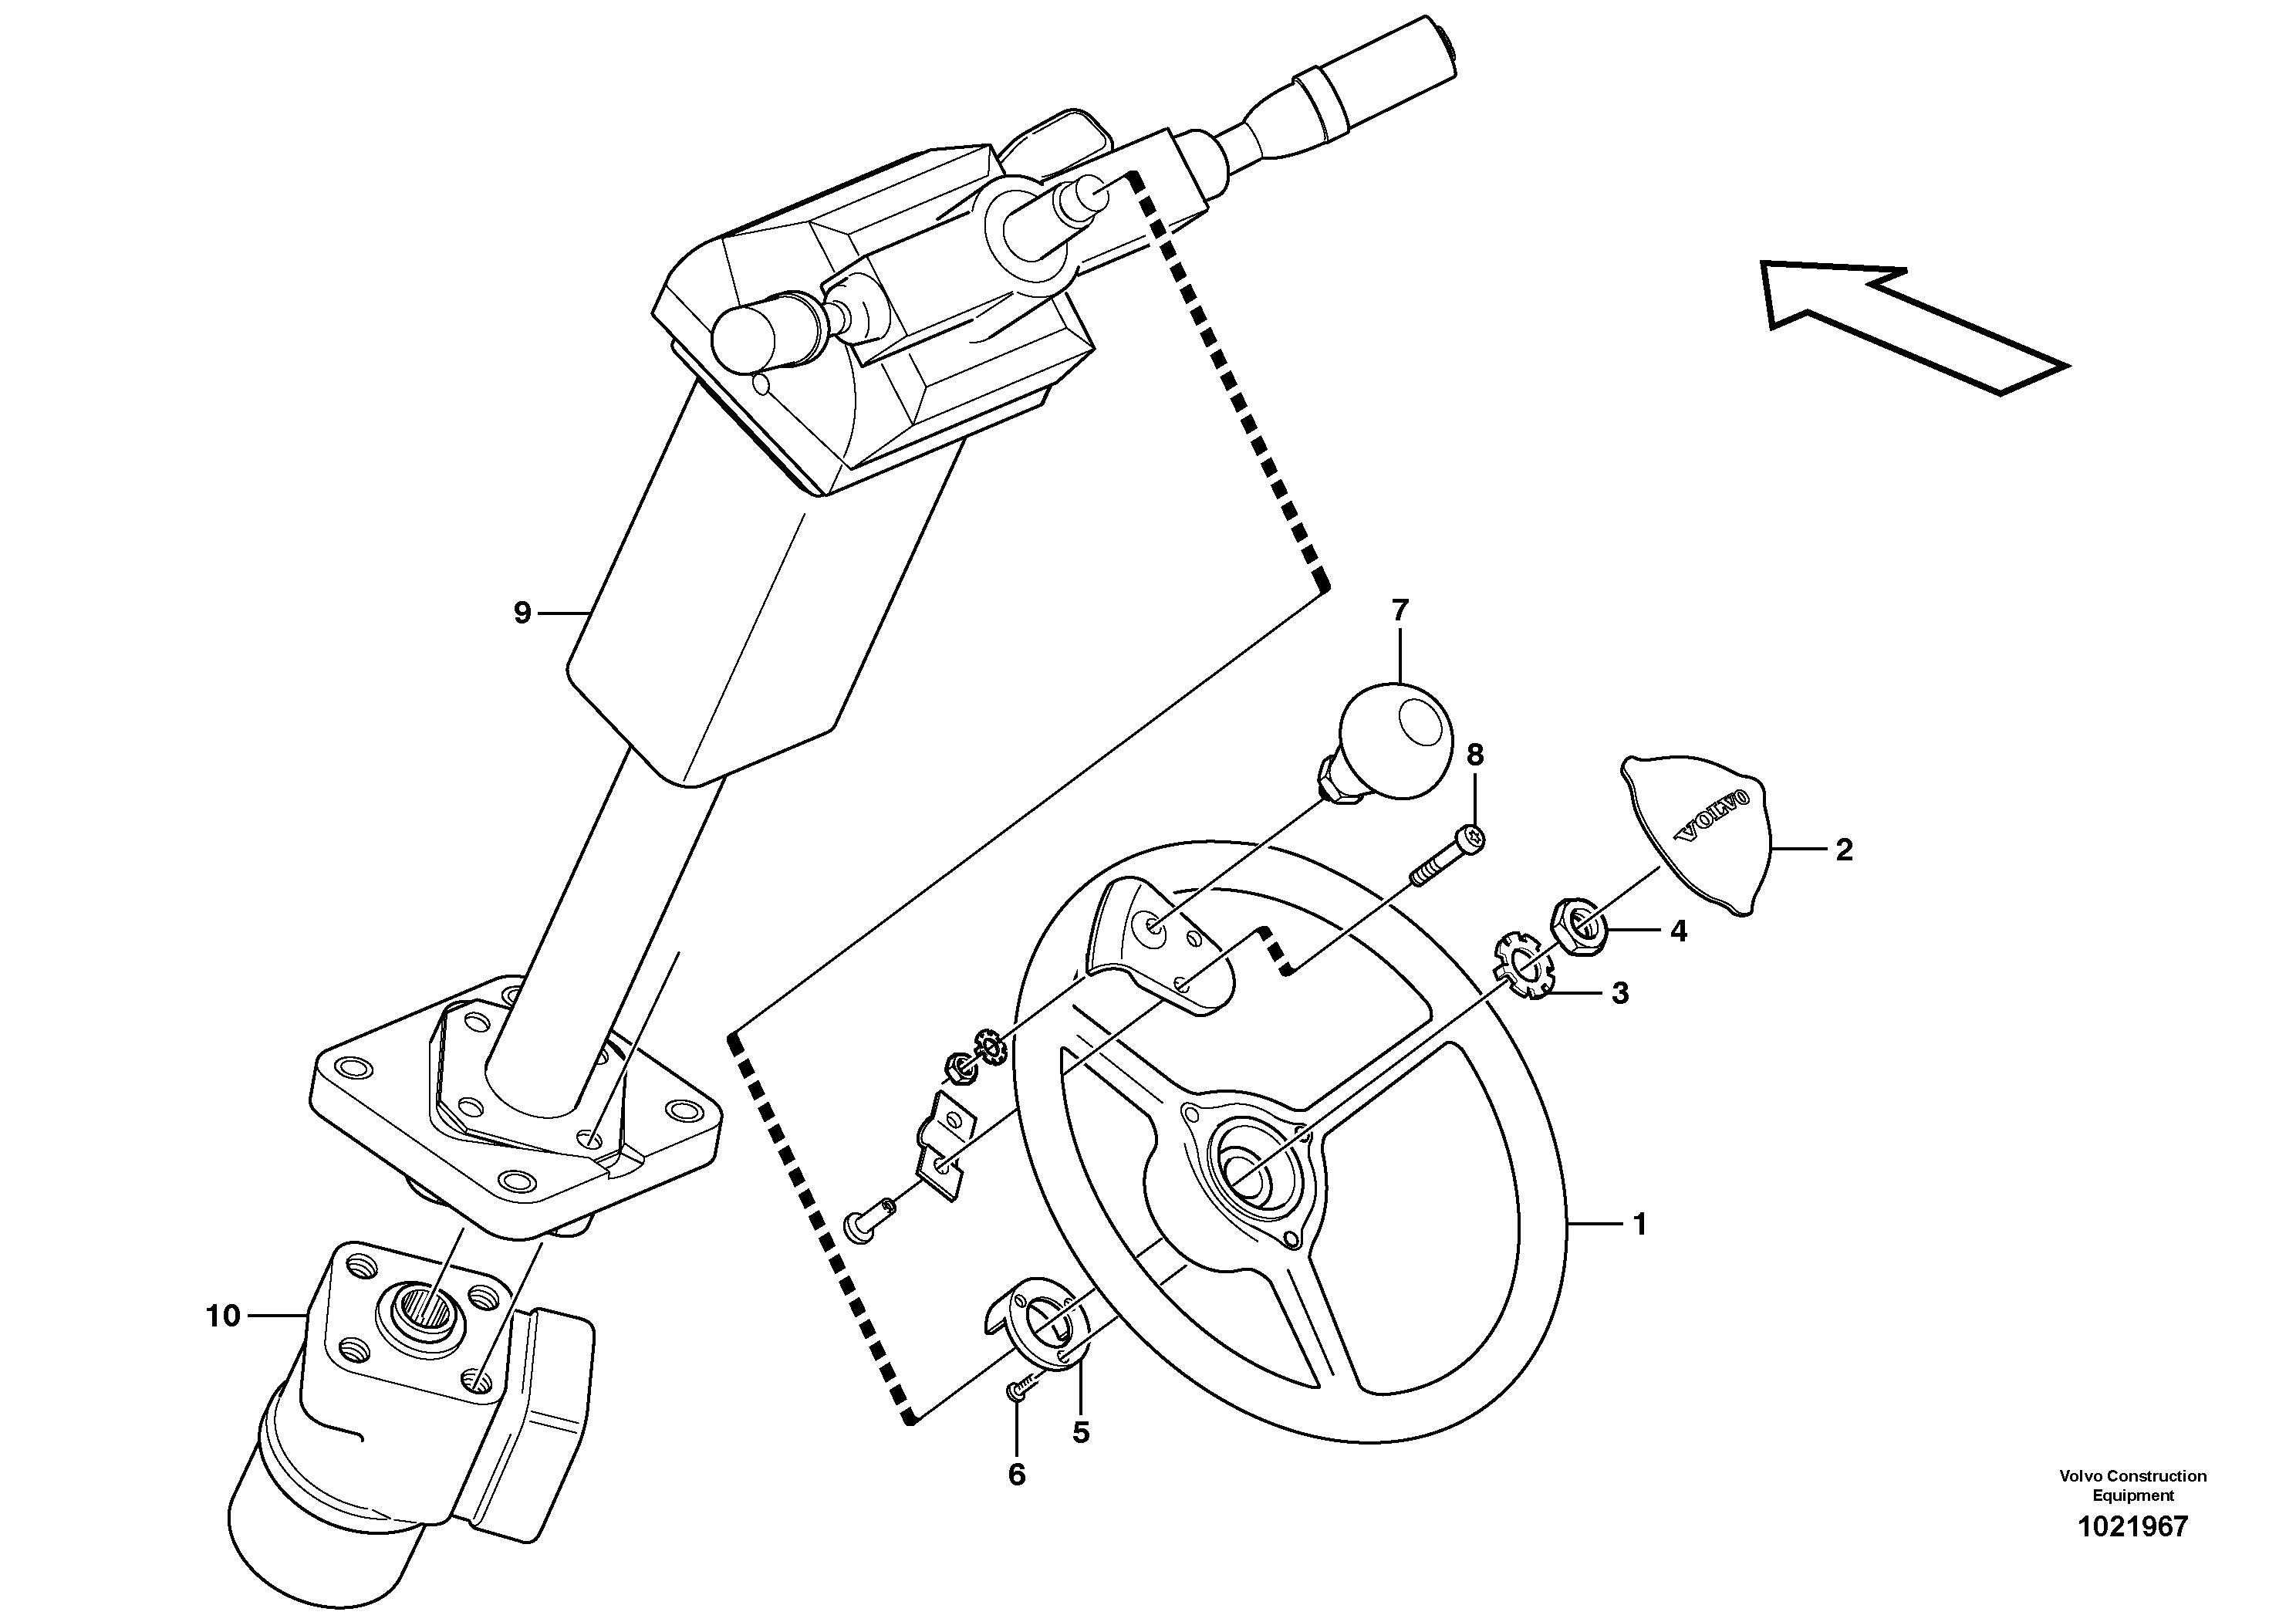 tekerlekli-yukleyici-direksiyon-pompasi